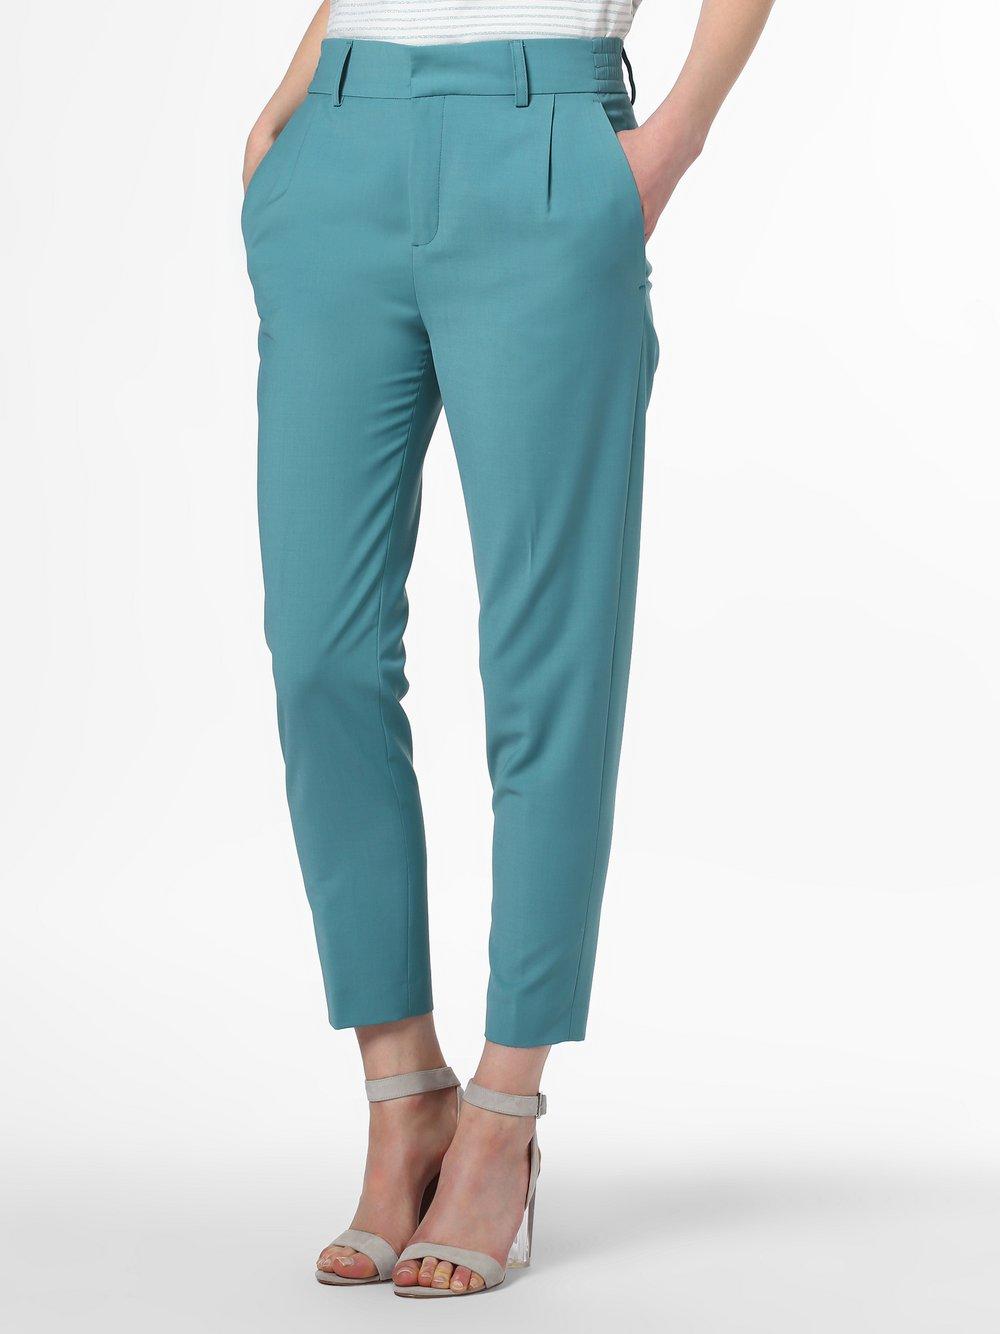 BRAX Damskie spodnie lniane – Maine S, zielony